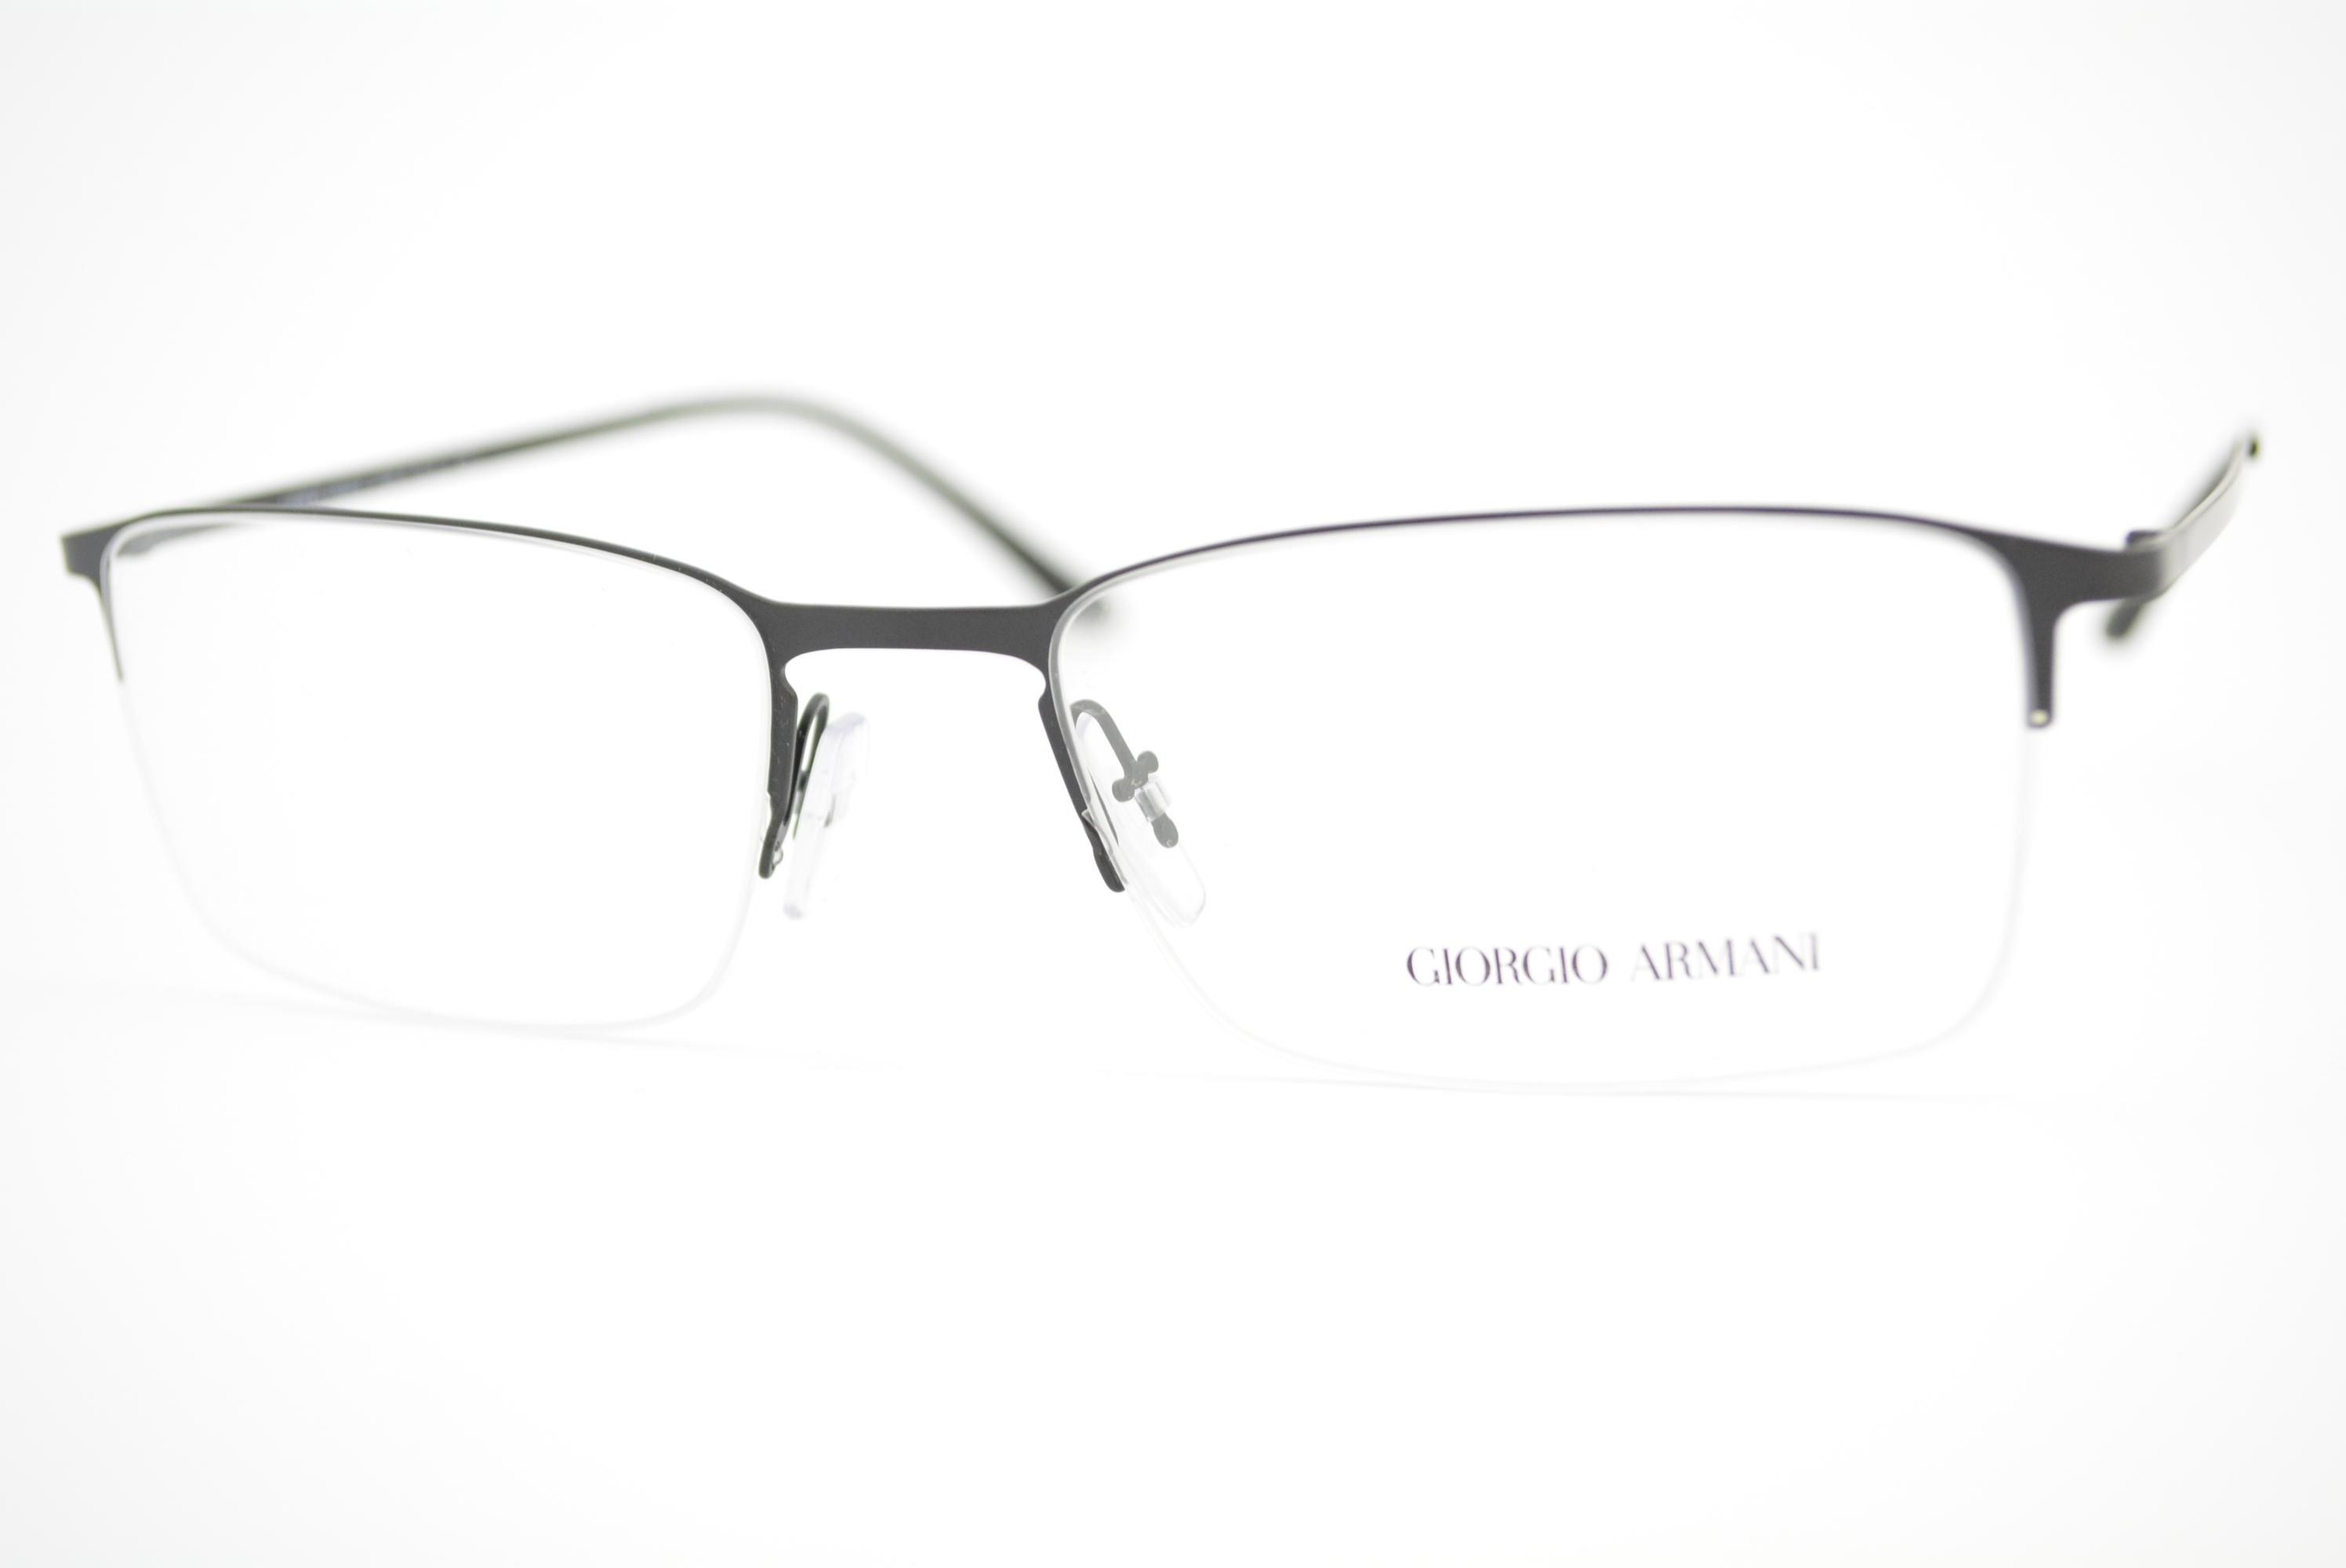 7880118cc armação de óculos Giorgio Armani mod ar5010 3001 Ótica Cardoso